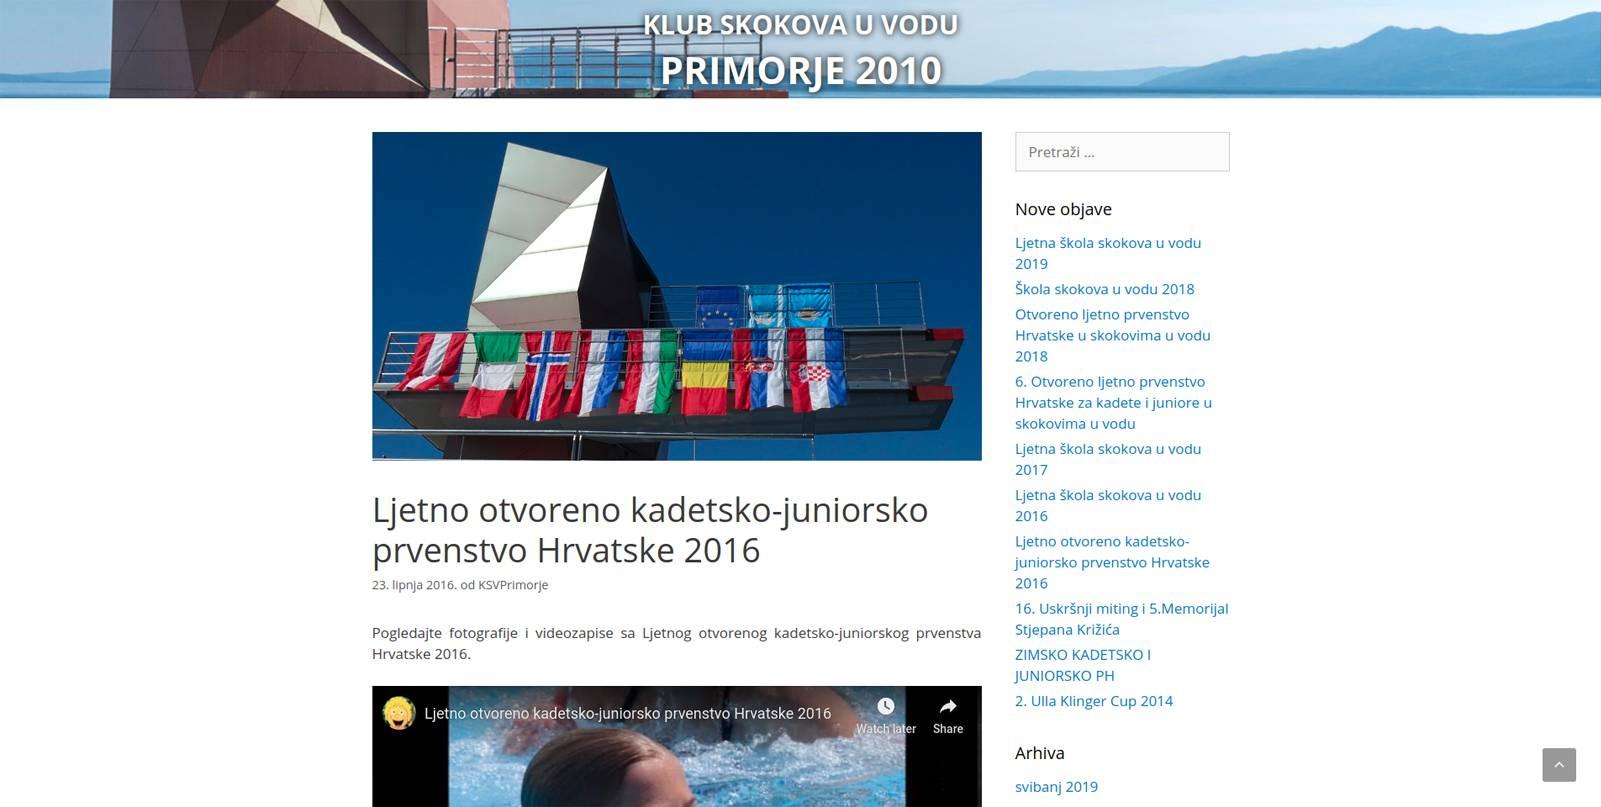 Ksv Primorje 4